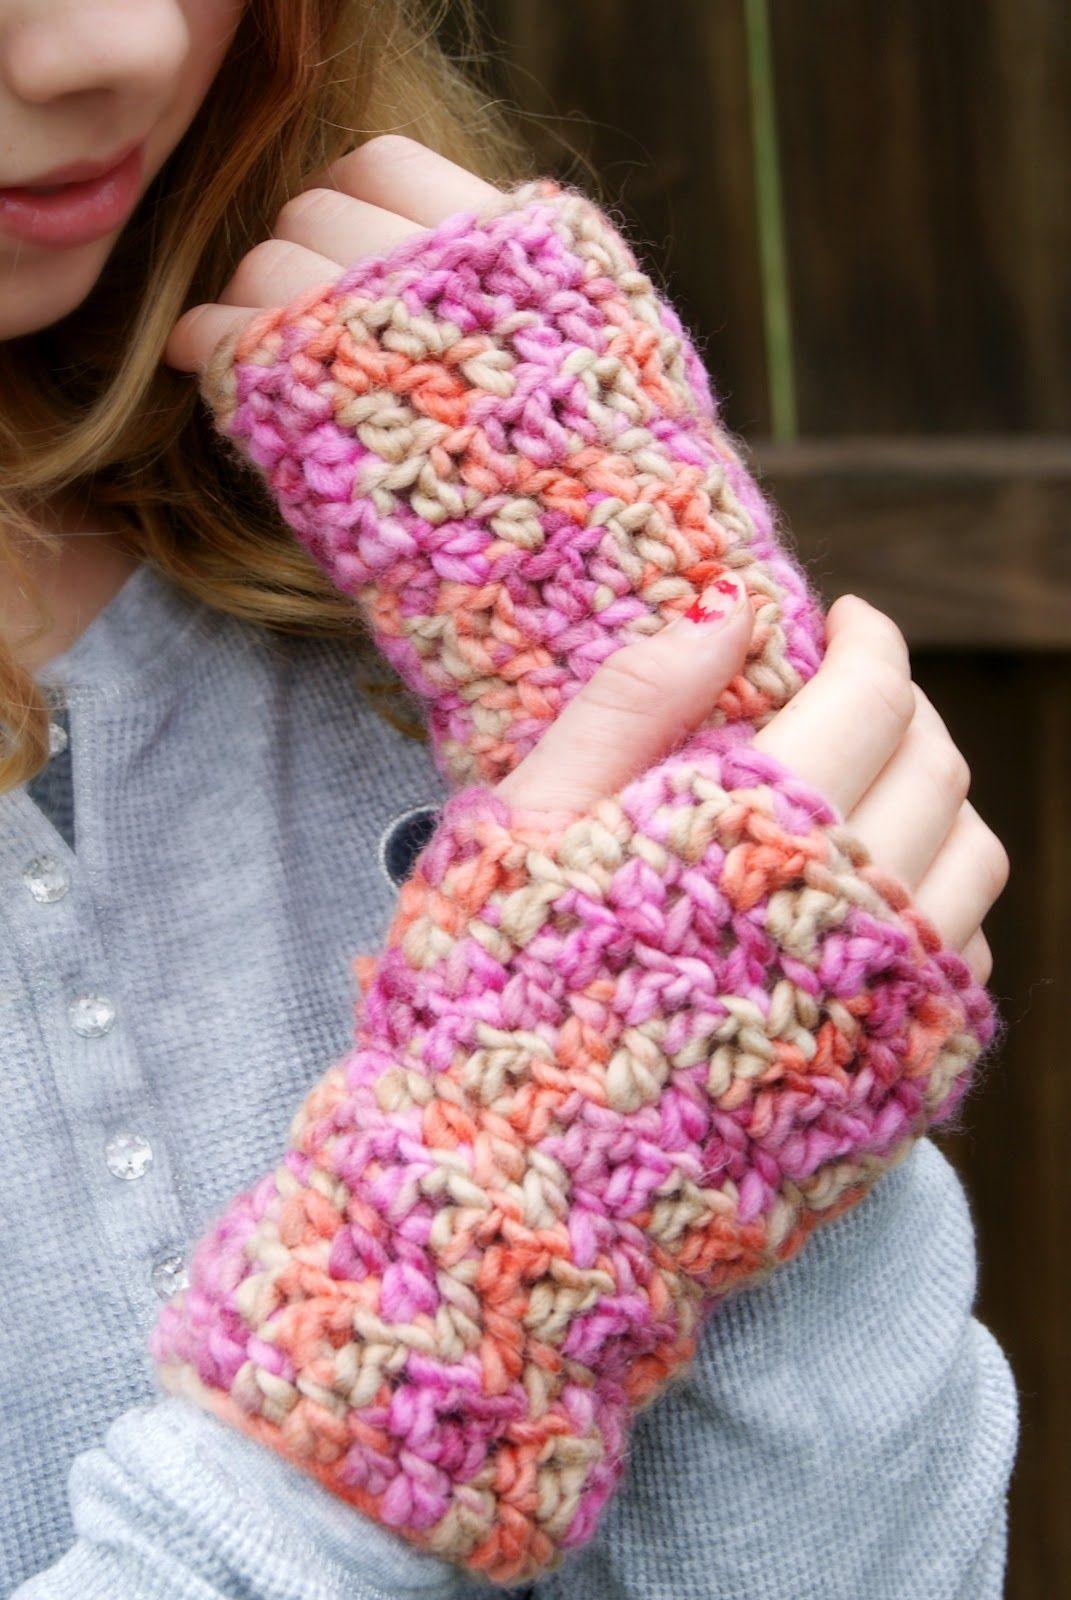 Fingerless gloves darn yarn - Cro Crochet Crochet Guitar Rakjpatterns Bulky Fingerless Gloves